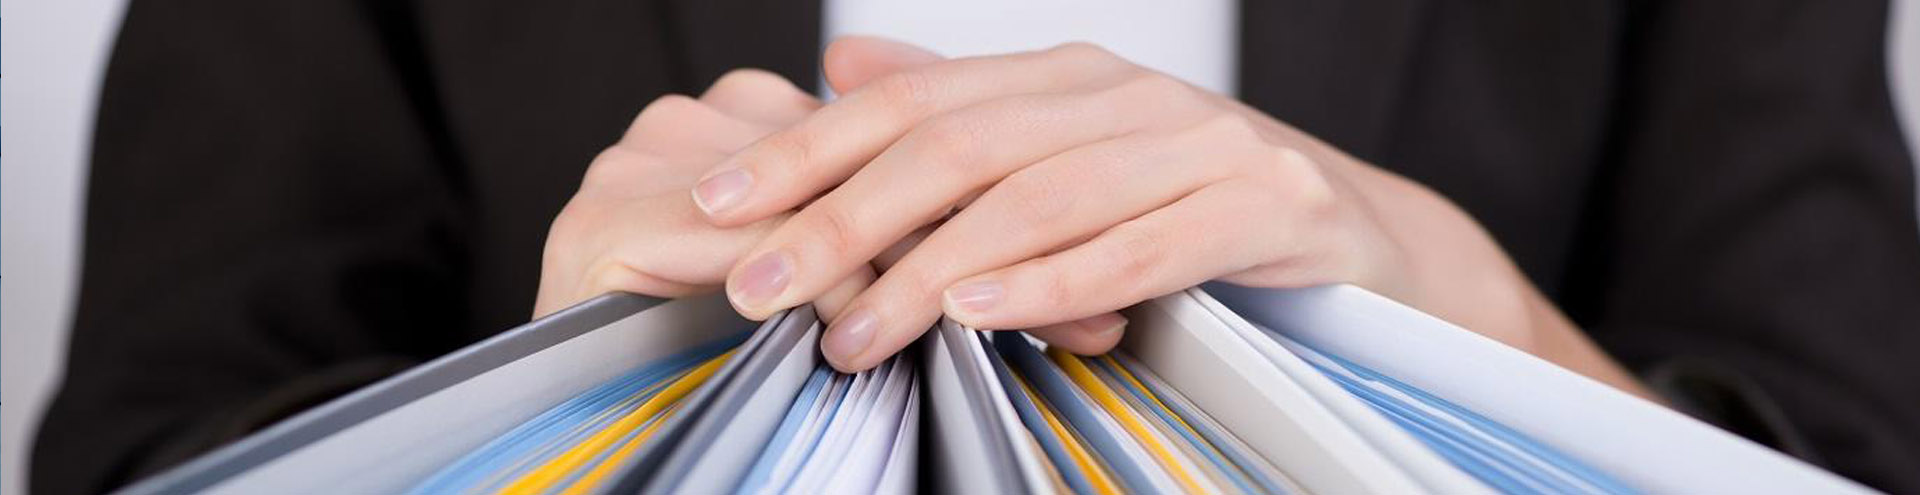 Подготовка арбитражных документов в Калуге и Калужской области